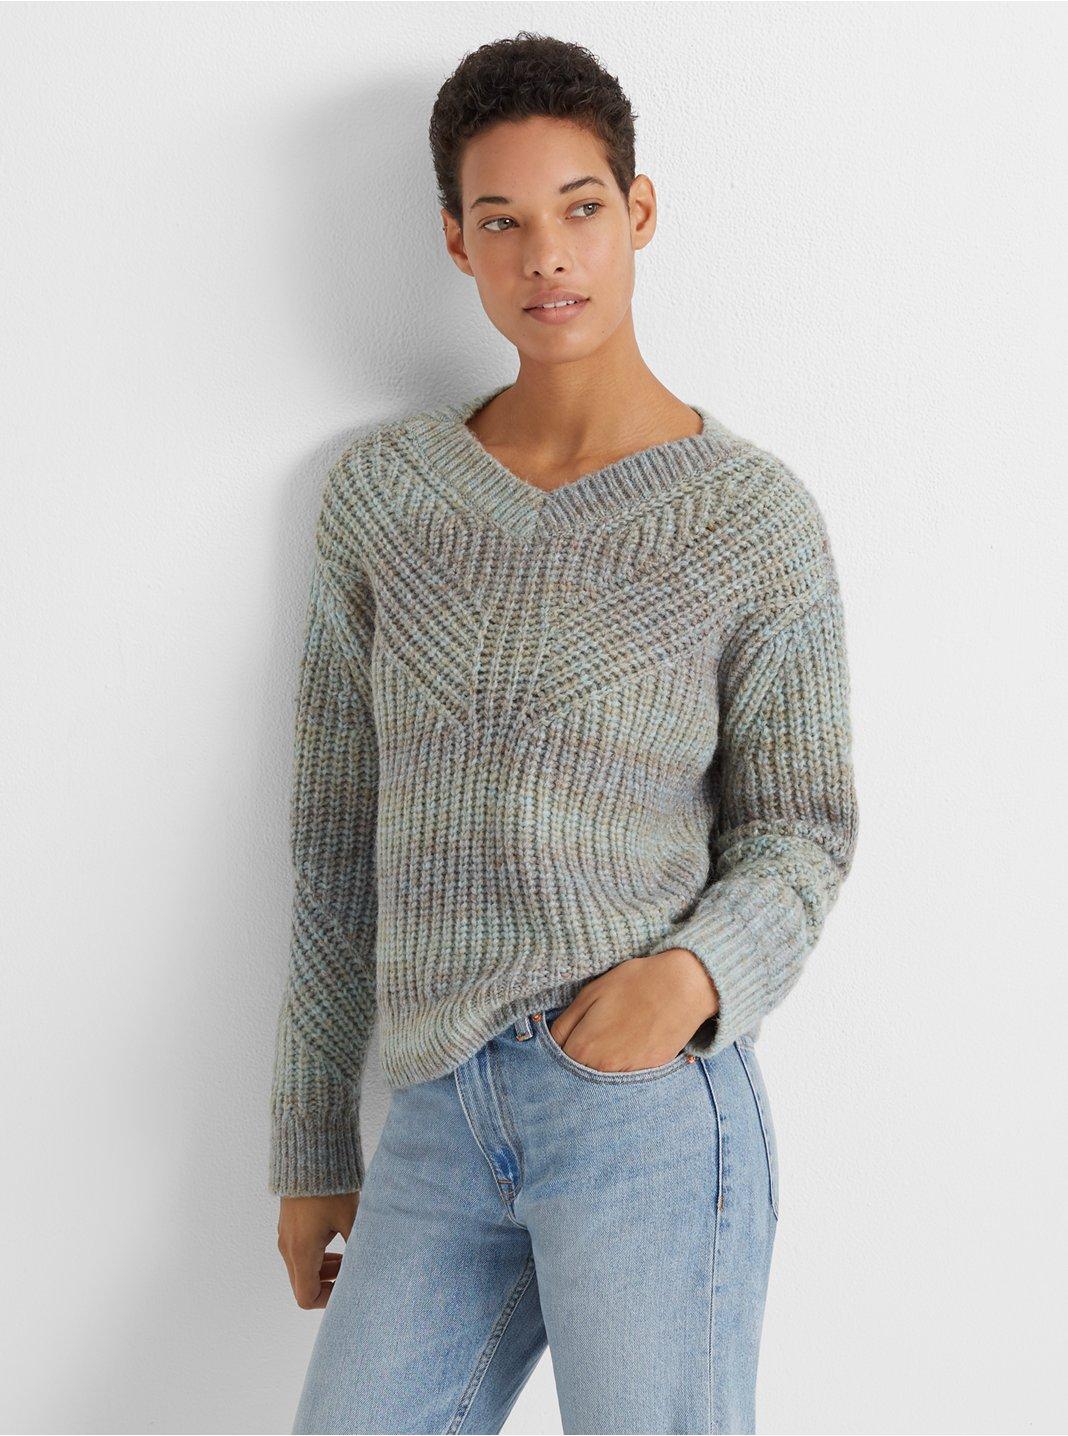 Watercolor Yarn Sweater